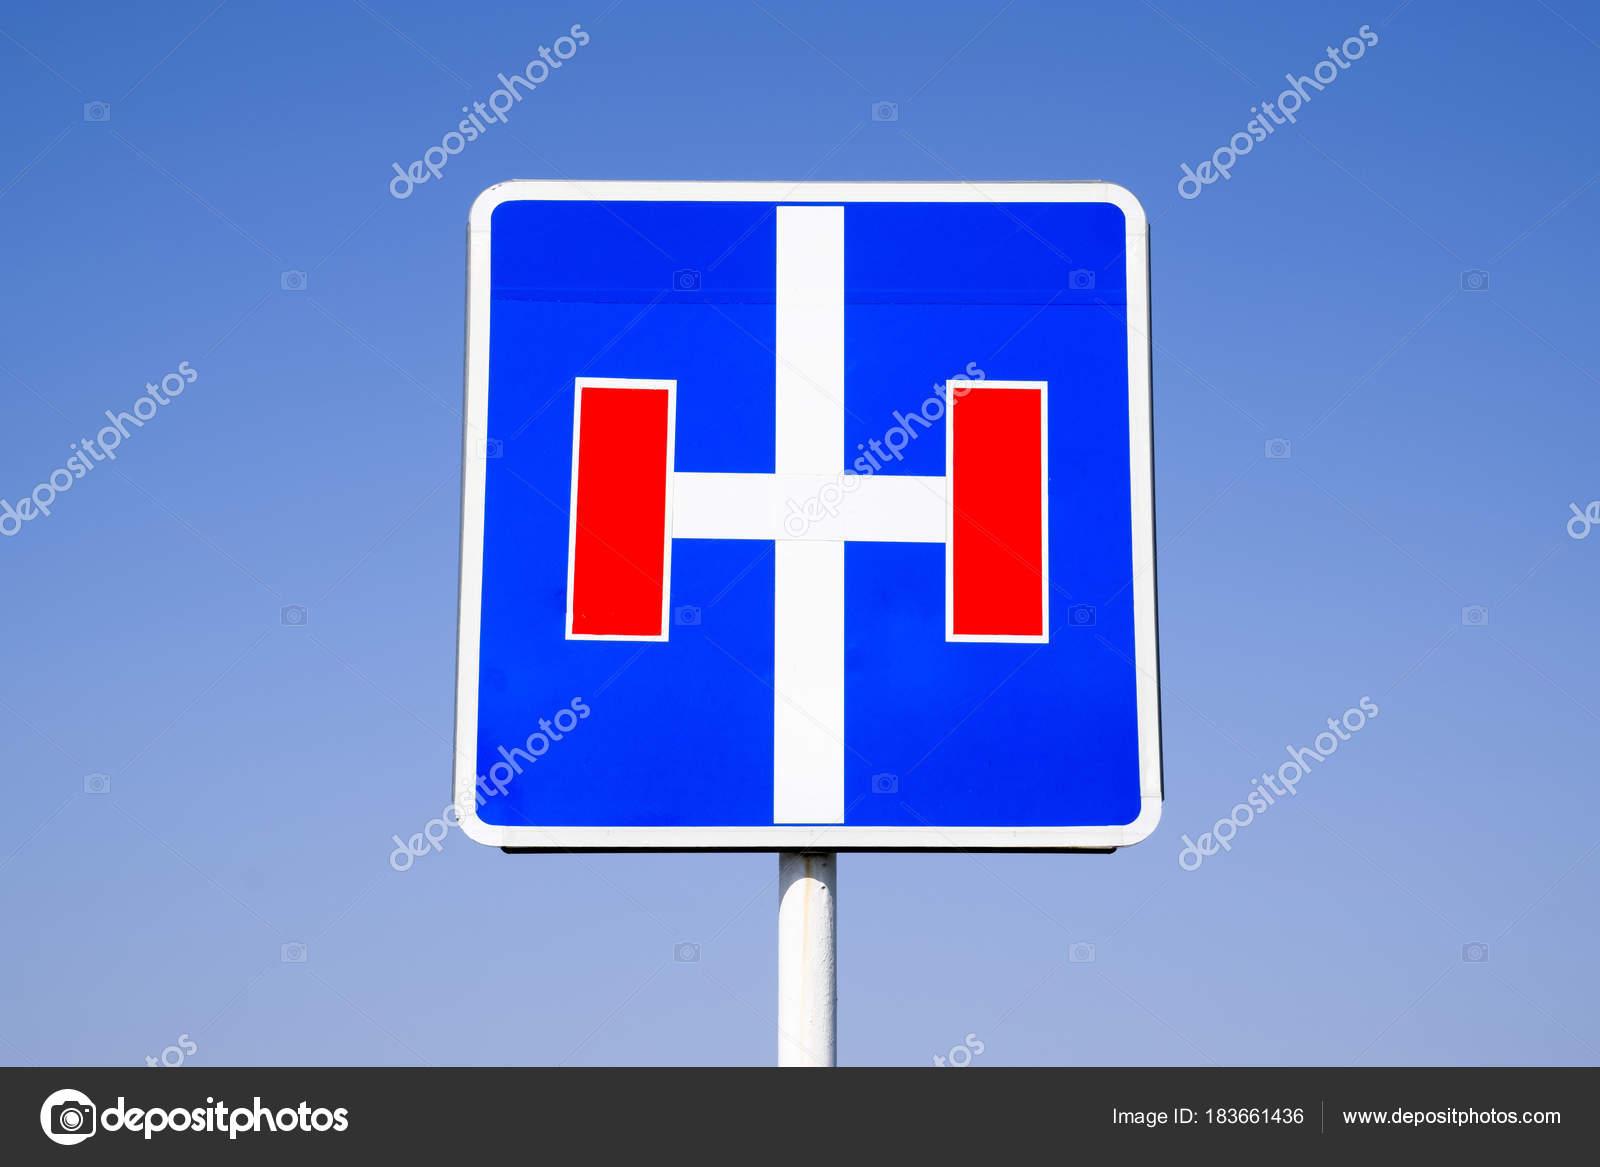 panneau de signalisation sans issue la route avec une voie sans issue photographie fotogigi85. Black Bedroom Furniture Sets. Home Design Ideas